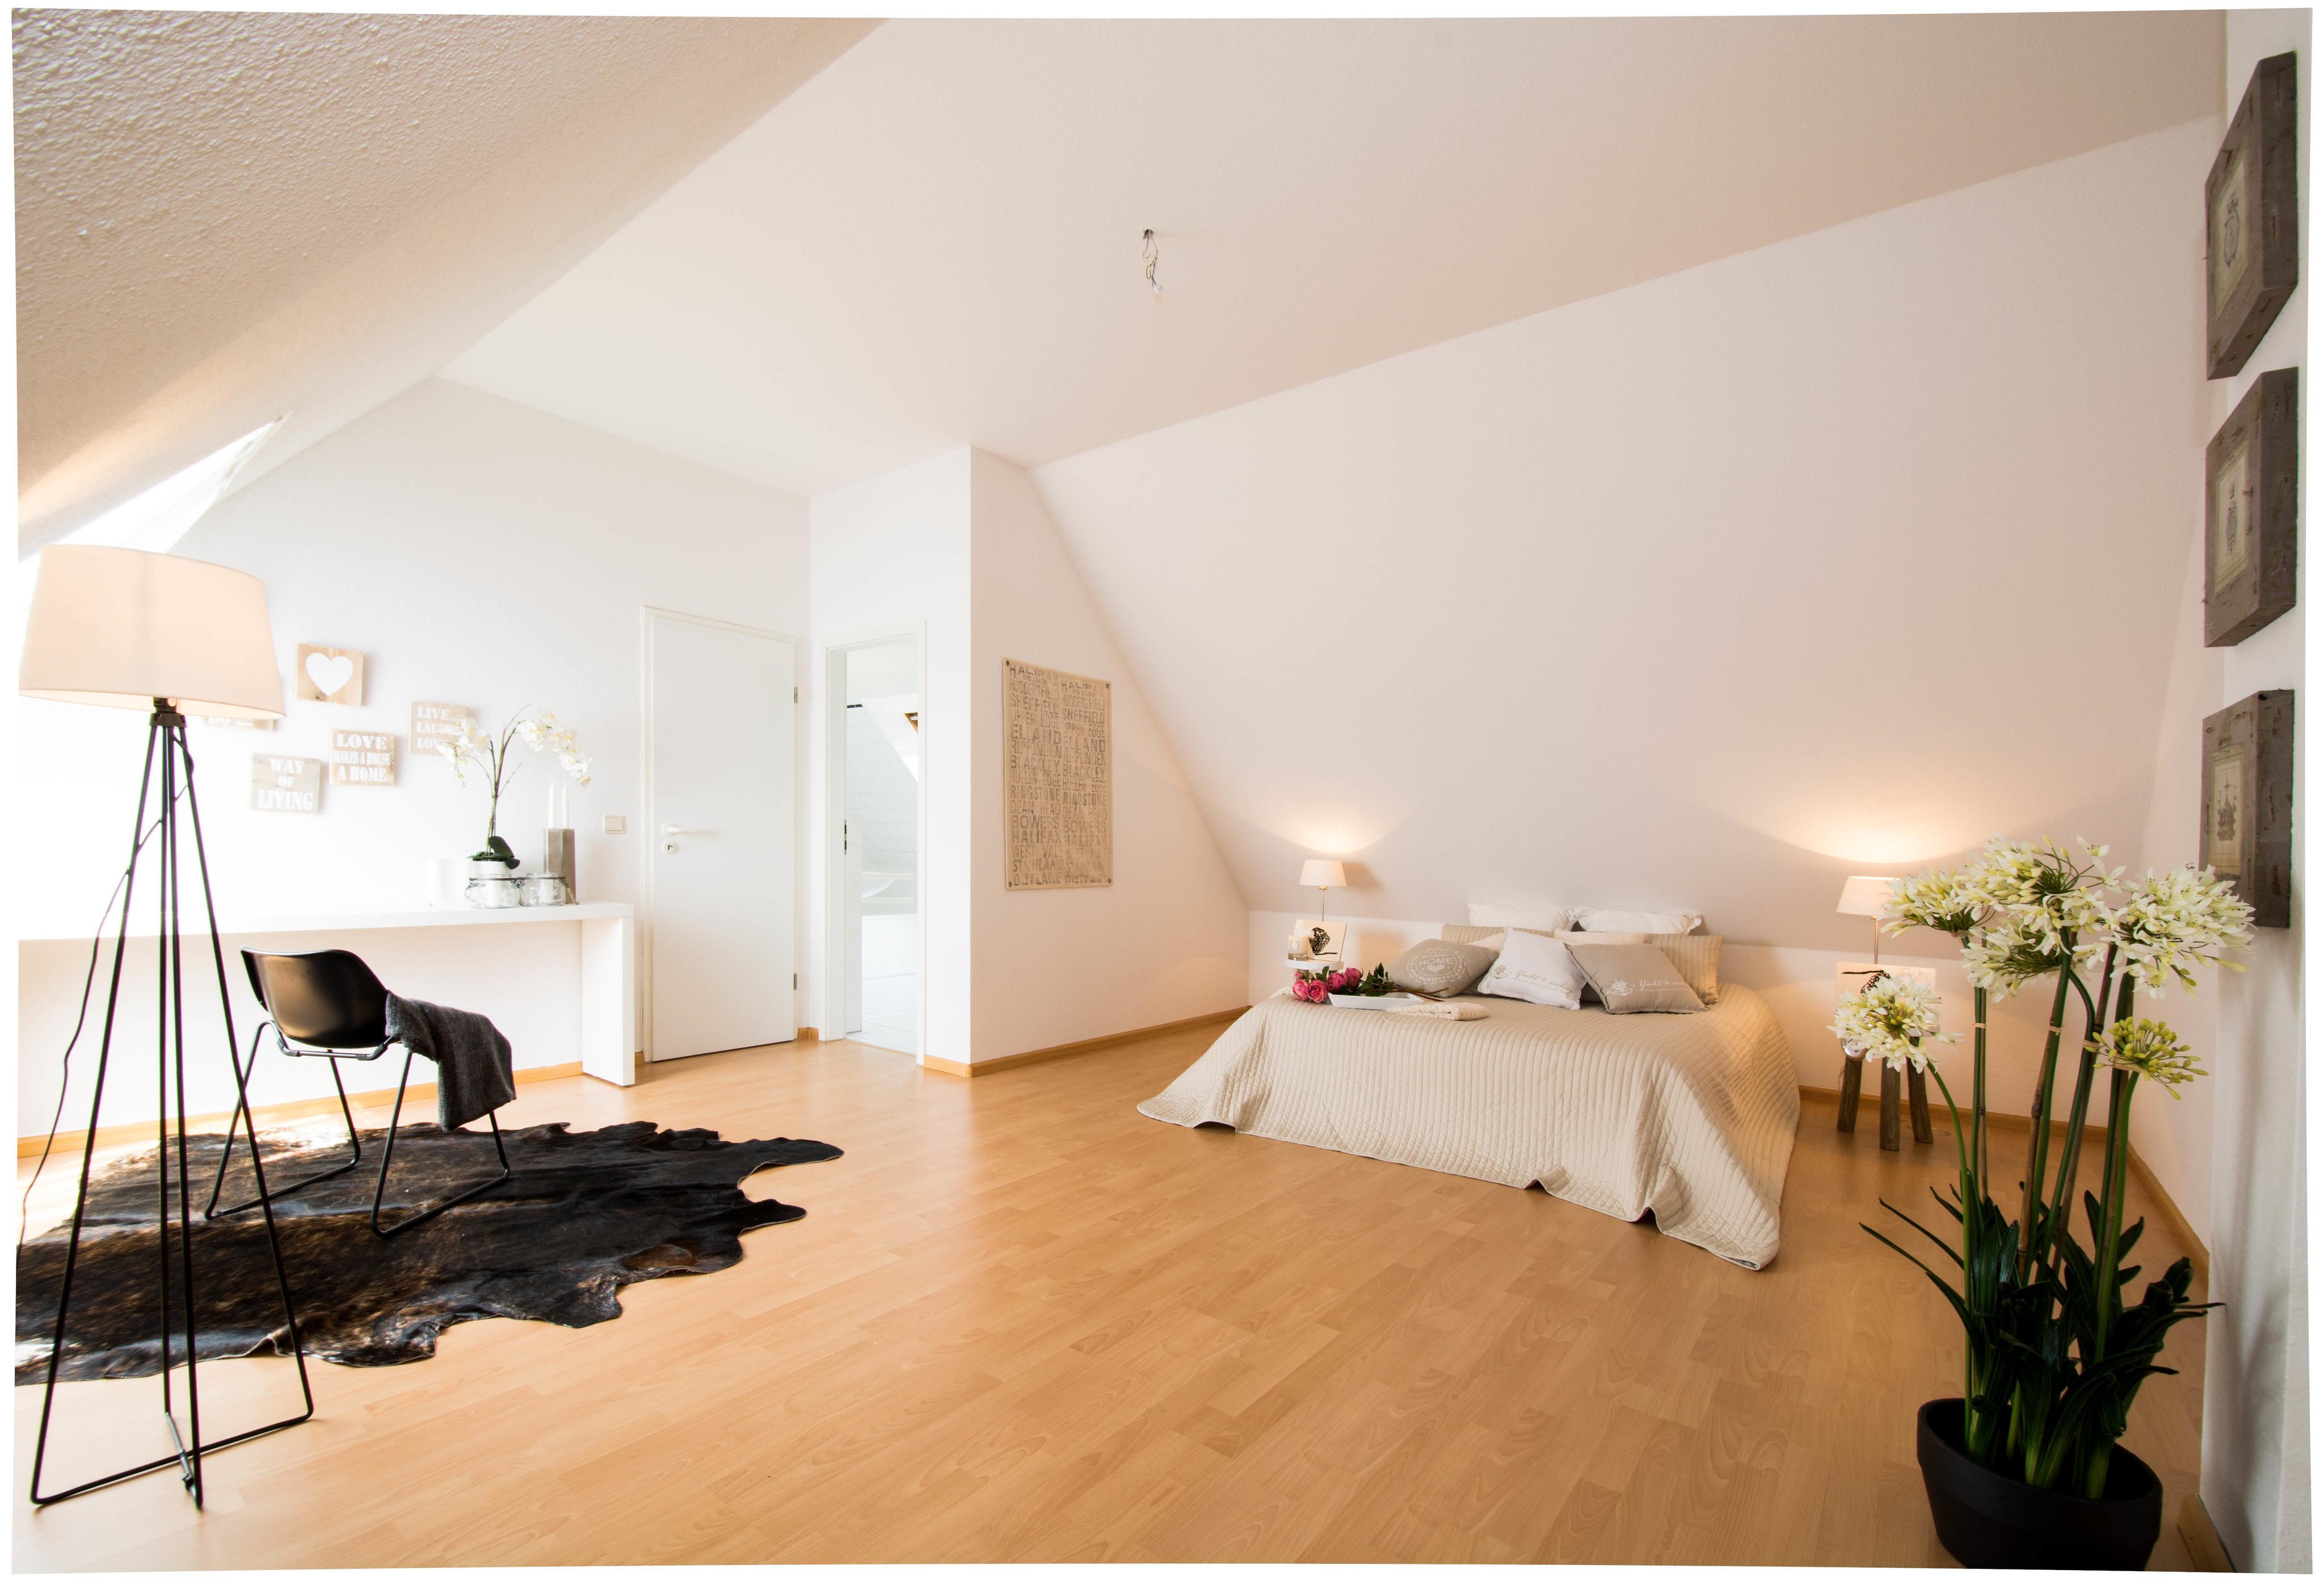 Schlafzimmer #dachschräge #bett #wandfarbe #stehlampe #tagesdecke #laminat  #konsolentisch #